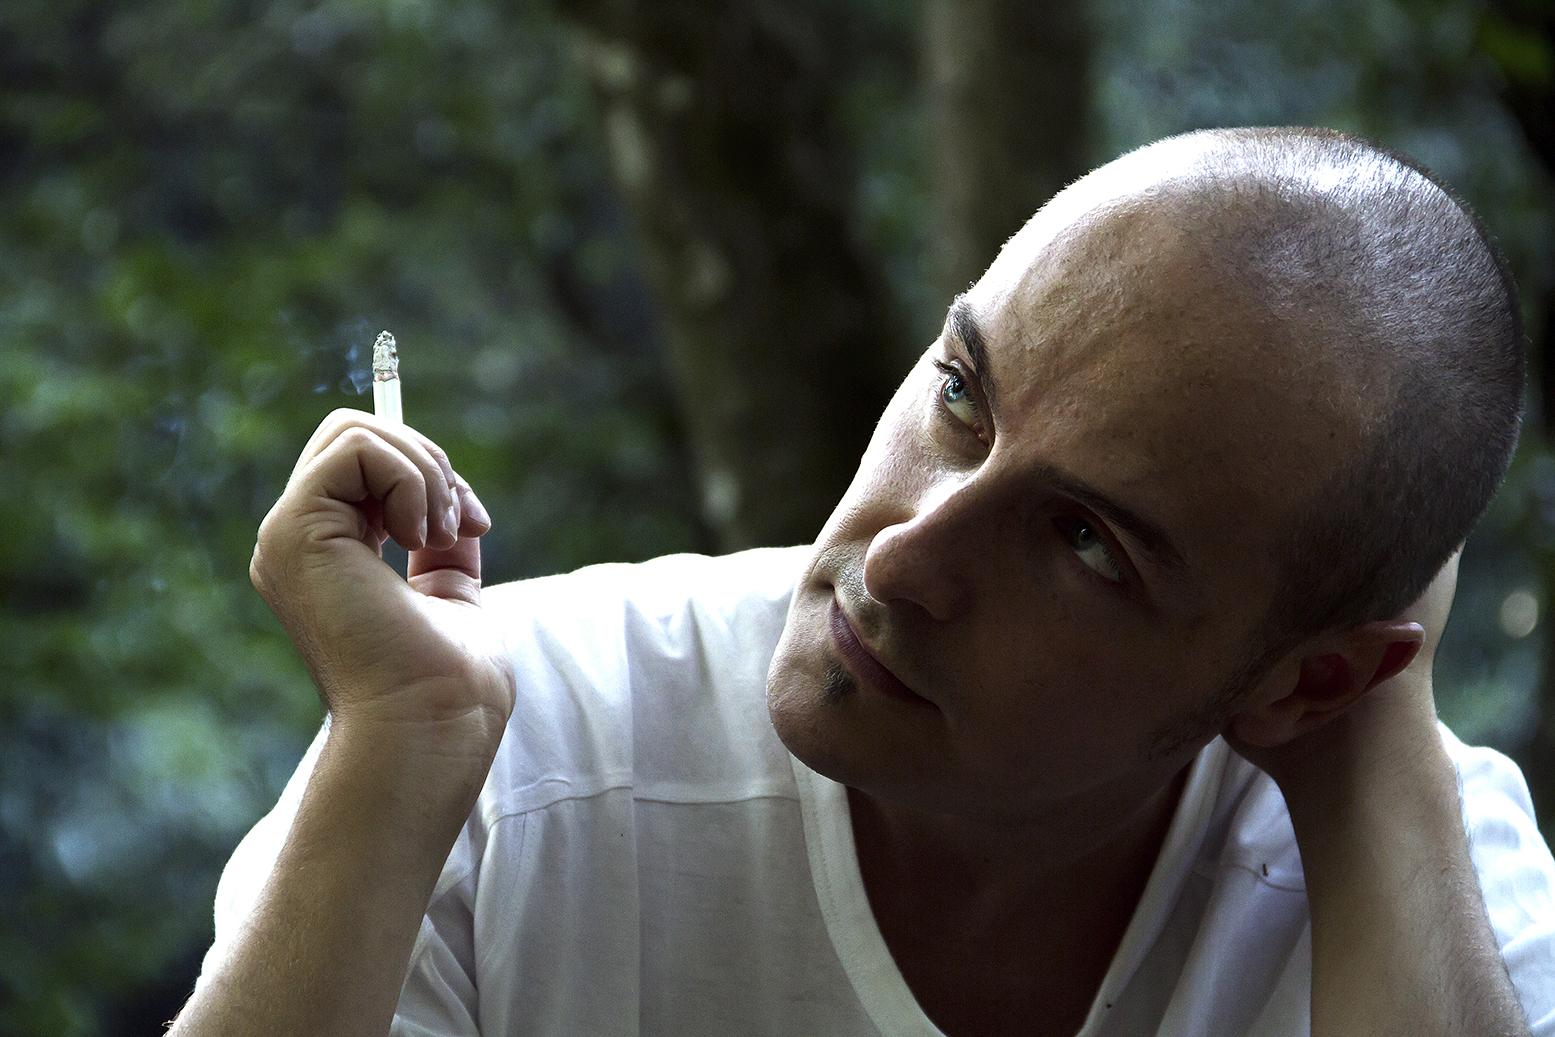 Natale Calabrò, è un attore italiano, oltre a innumerevoli partecipazioni a spettacoli teatrali, ha lavorato recentemente al cinema con Paolo Virzì e nella serie televisiva americana Hannibal. Natale è un […]